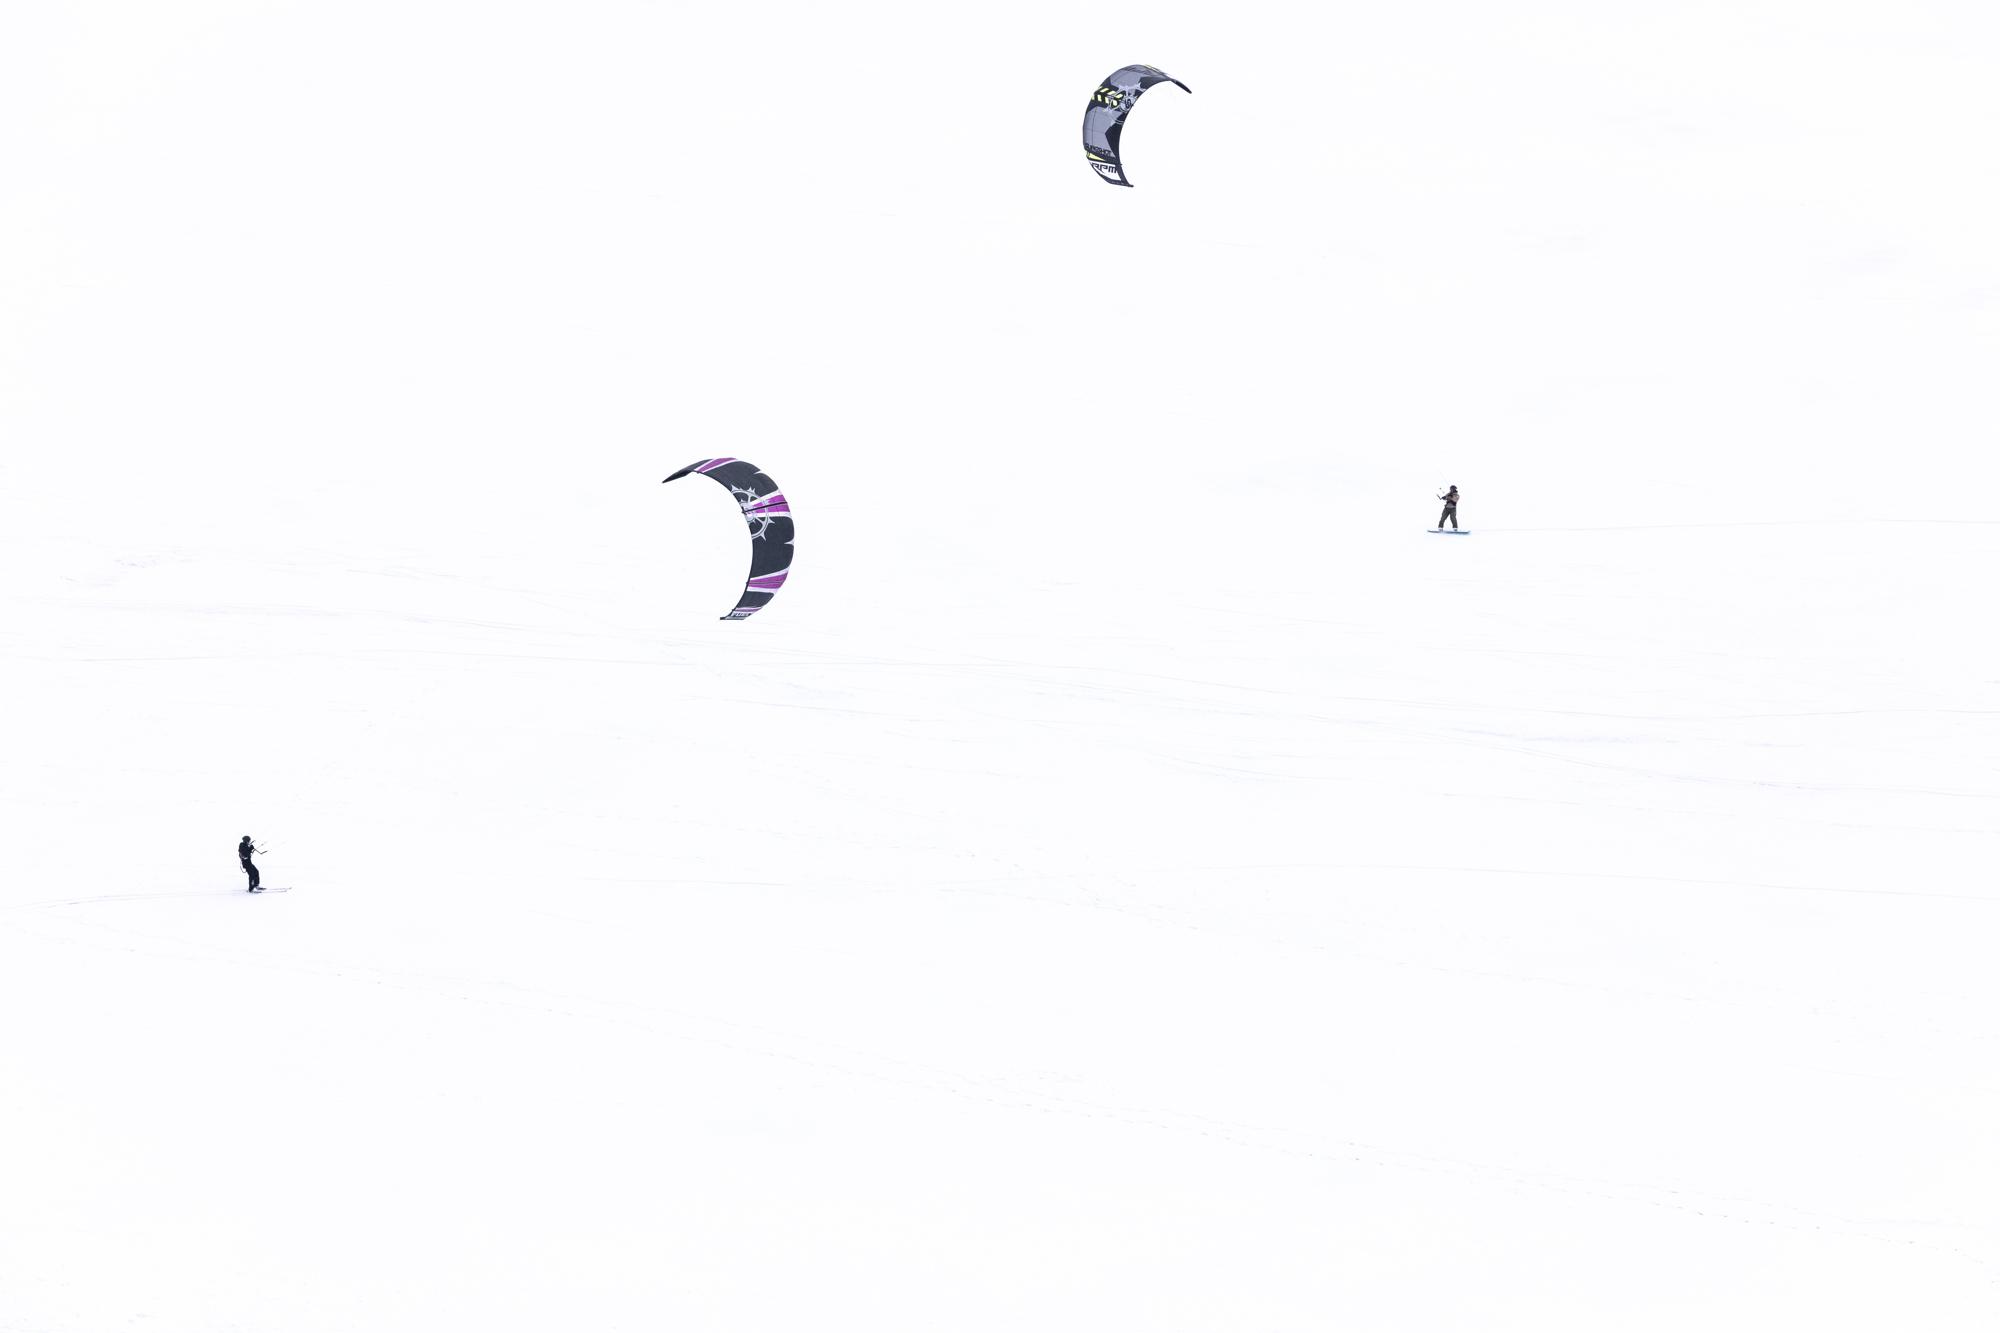 160206_WinterAerials_01177T.JPG